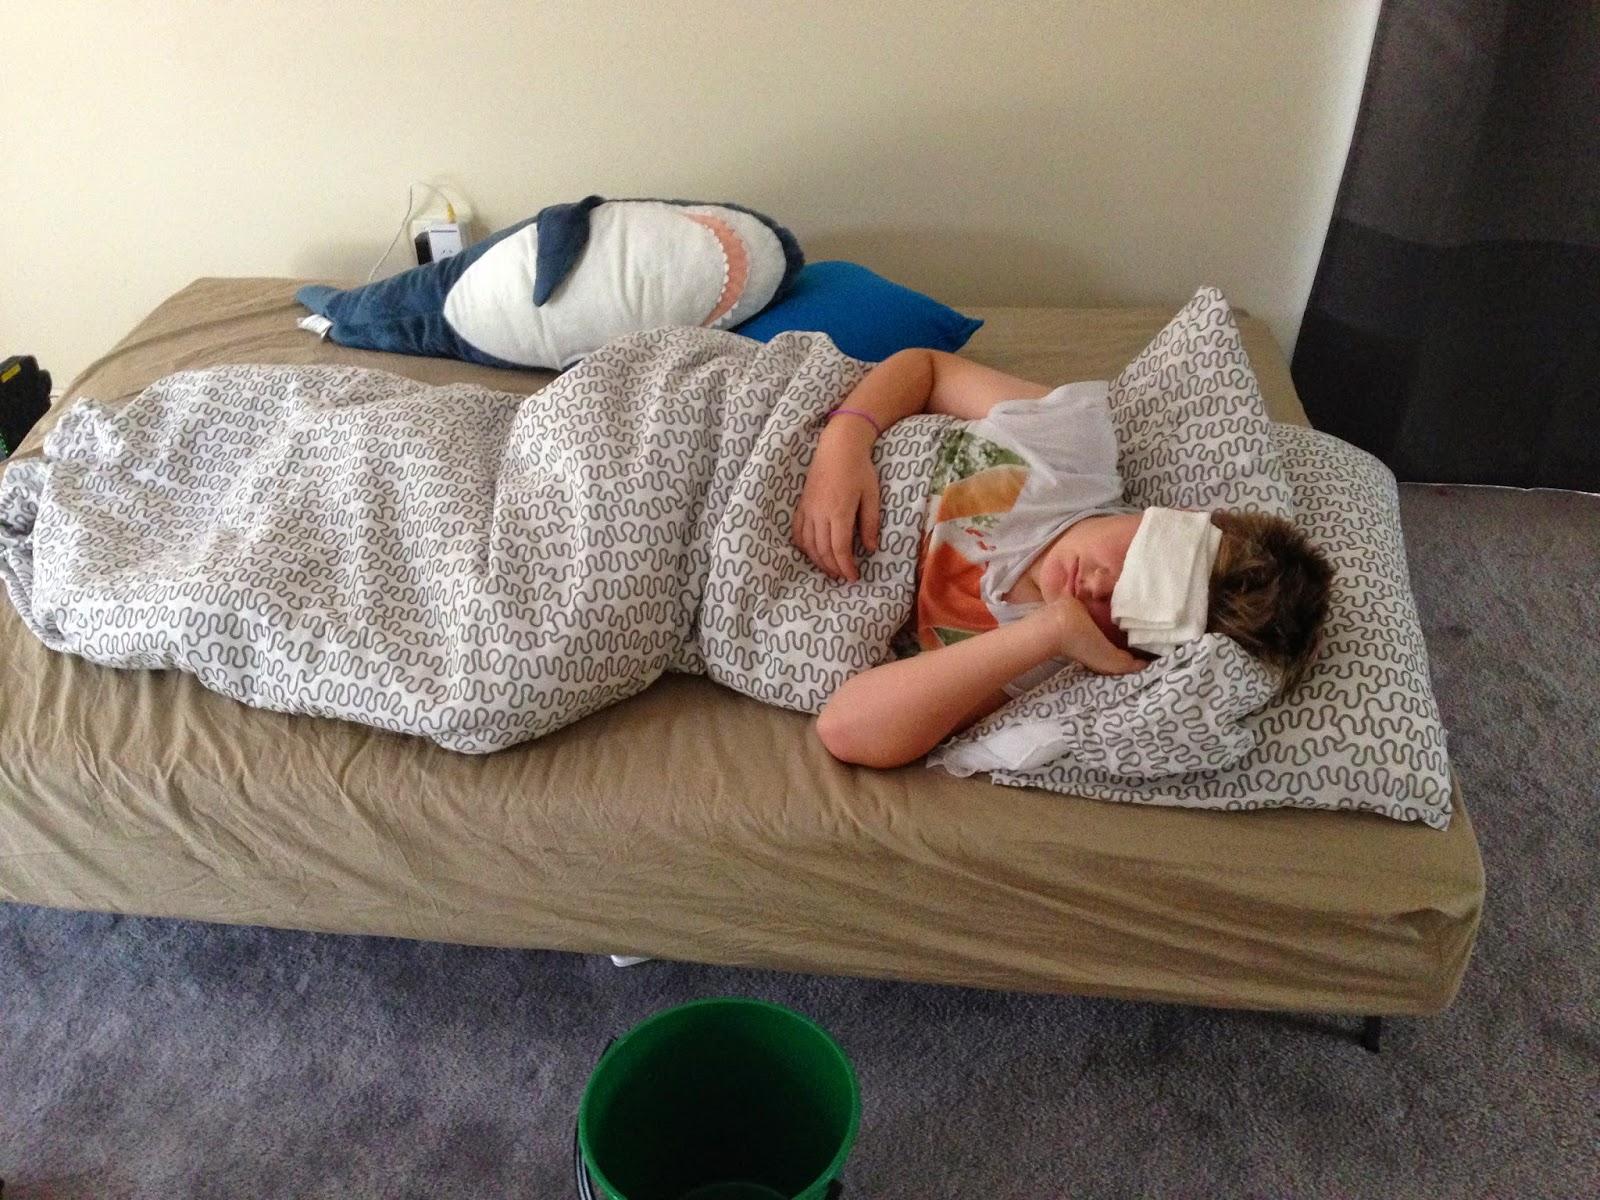 tre dages feber barn